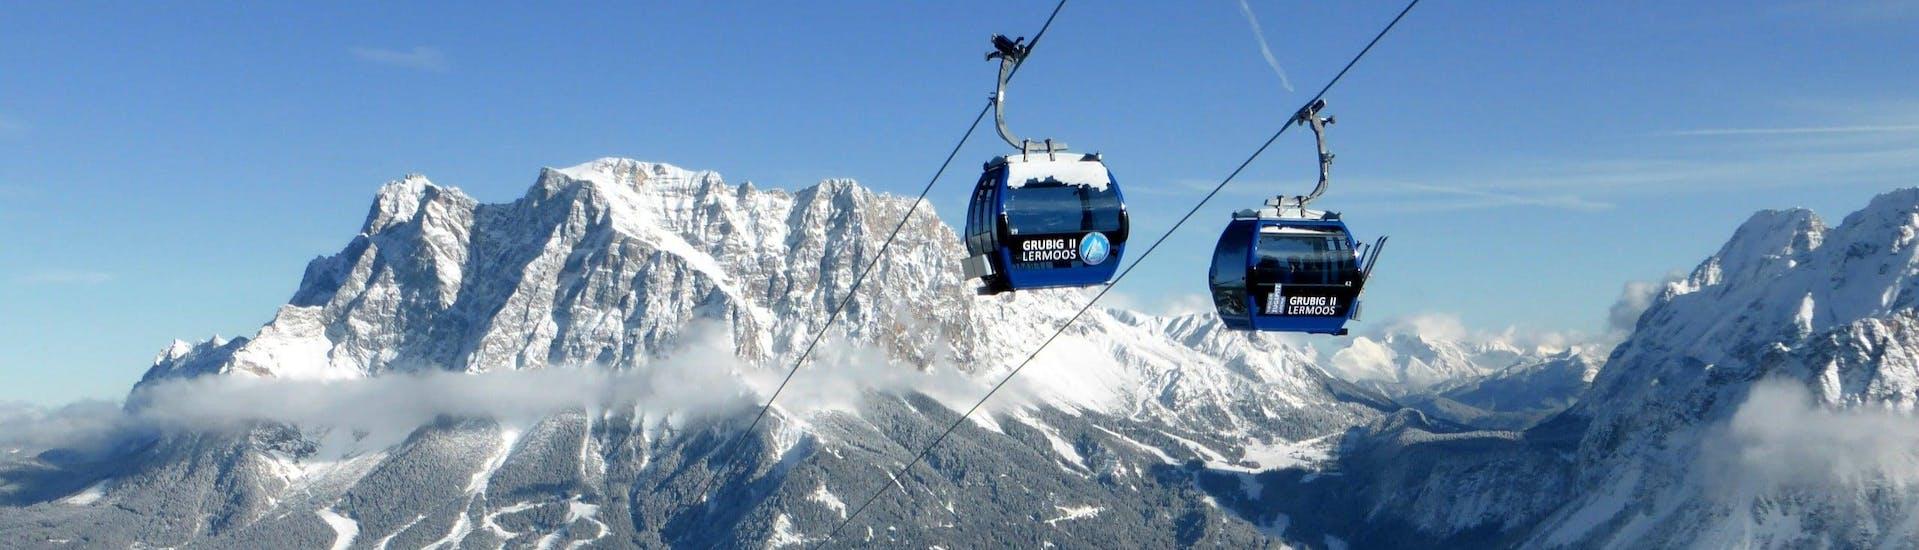 Vue sur un paysage de montagne ensoleillé lors d'un cours de ski avec l'une des écoles de ski de la station de ski Lermoos.